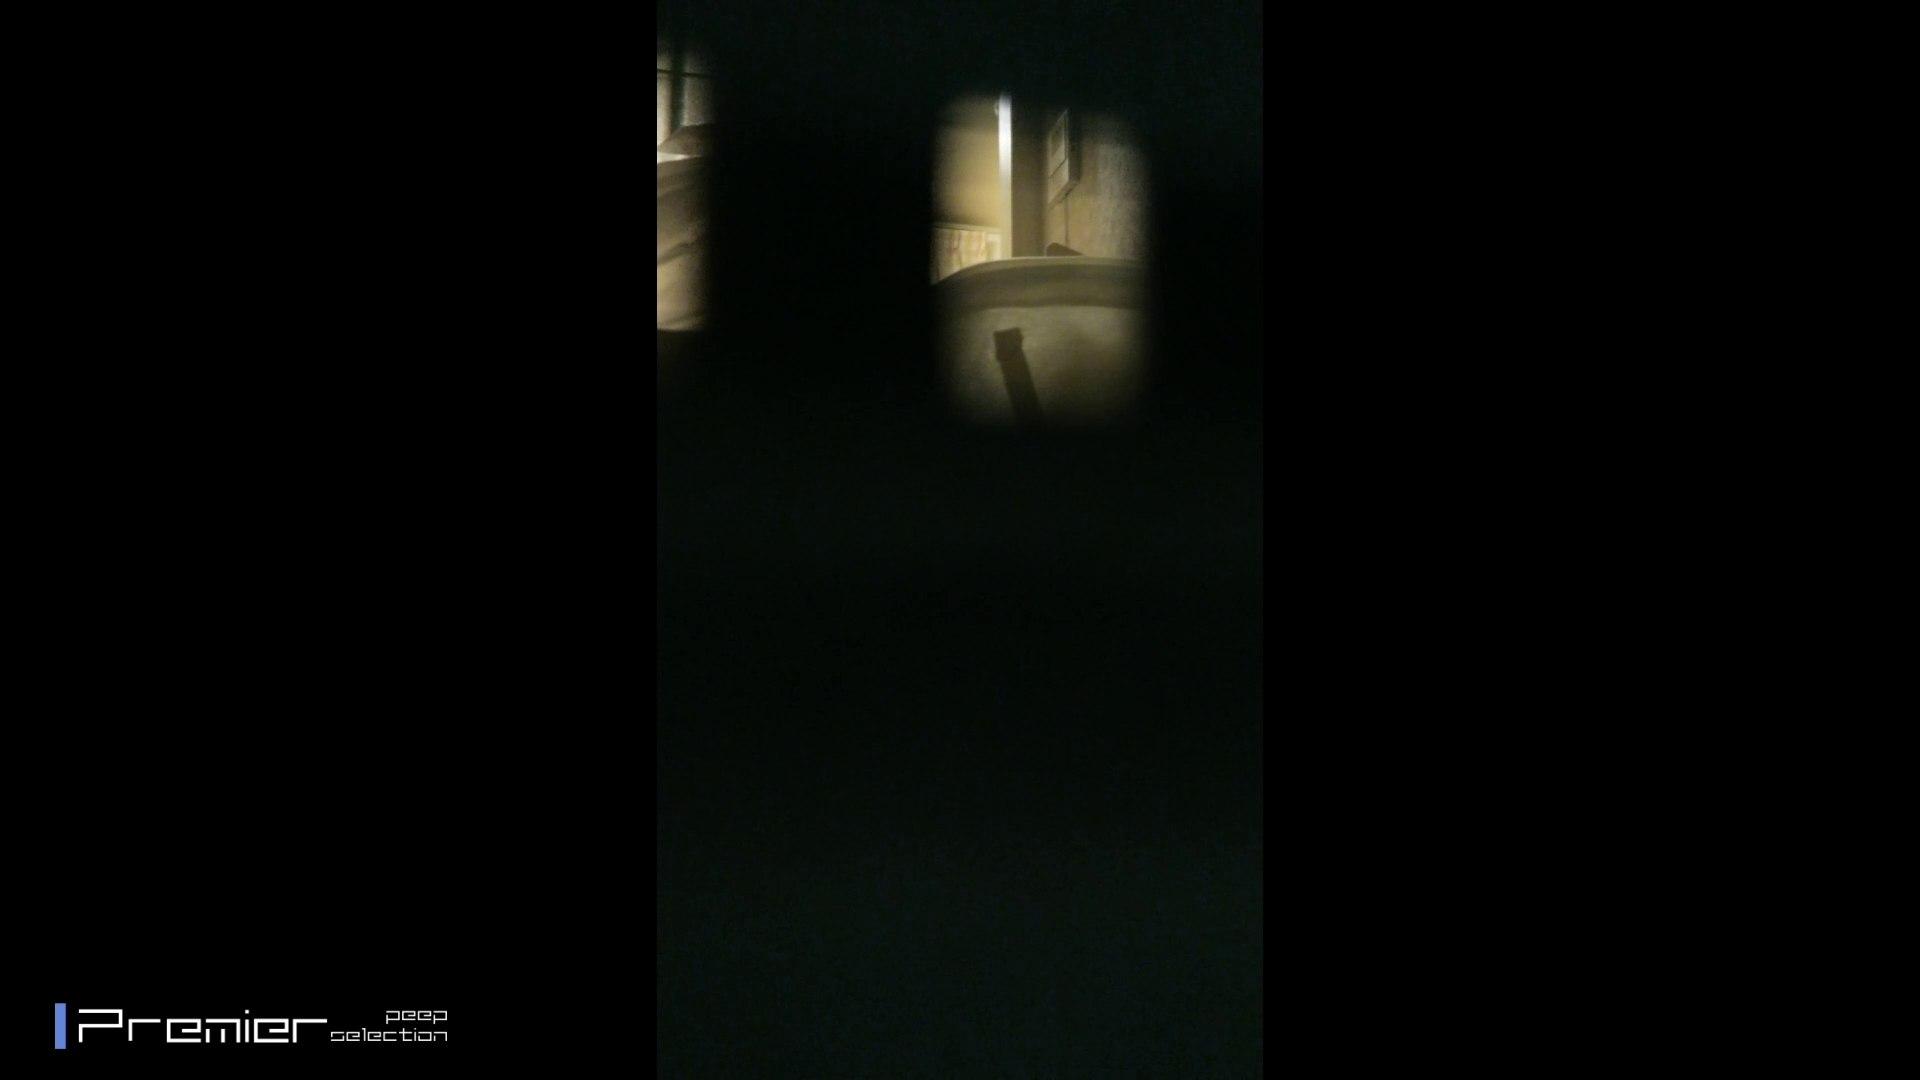 美女達の私生活に潜入!一人暮らし女子大生が見せる入浴前の恥ずかしい姿 入浴中のオンナ 隠し撮りすけべAV動画紹介 23pic 14